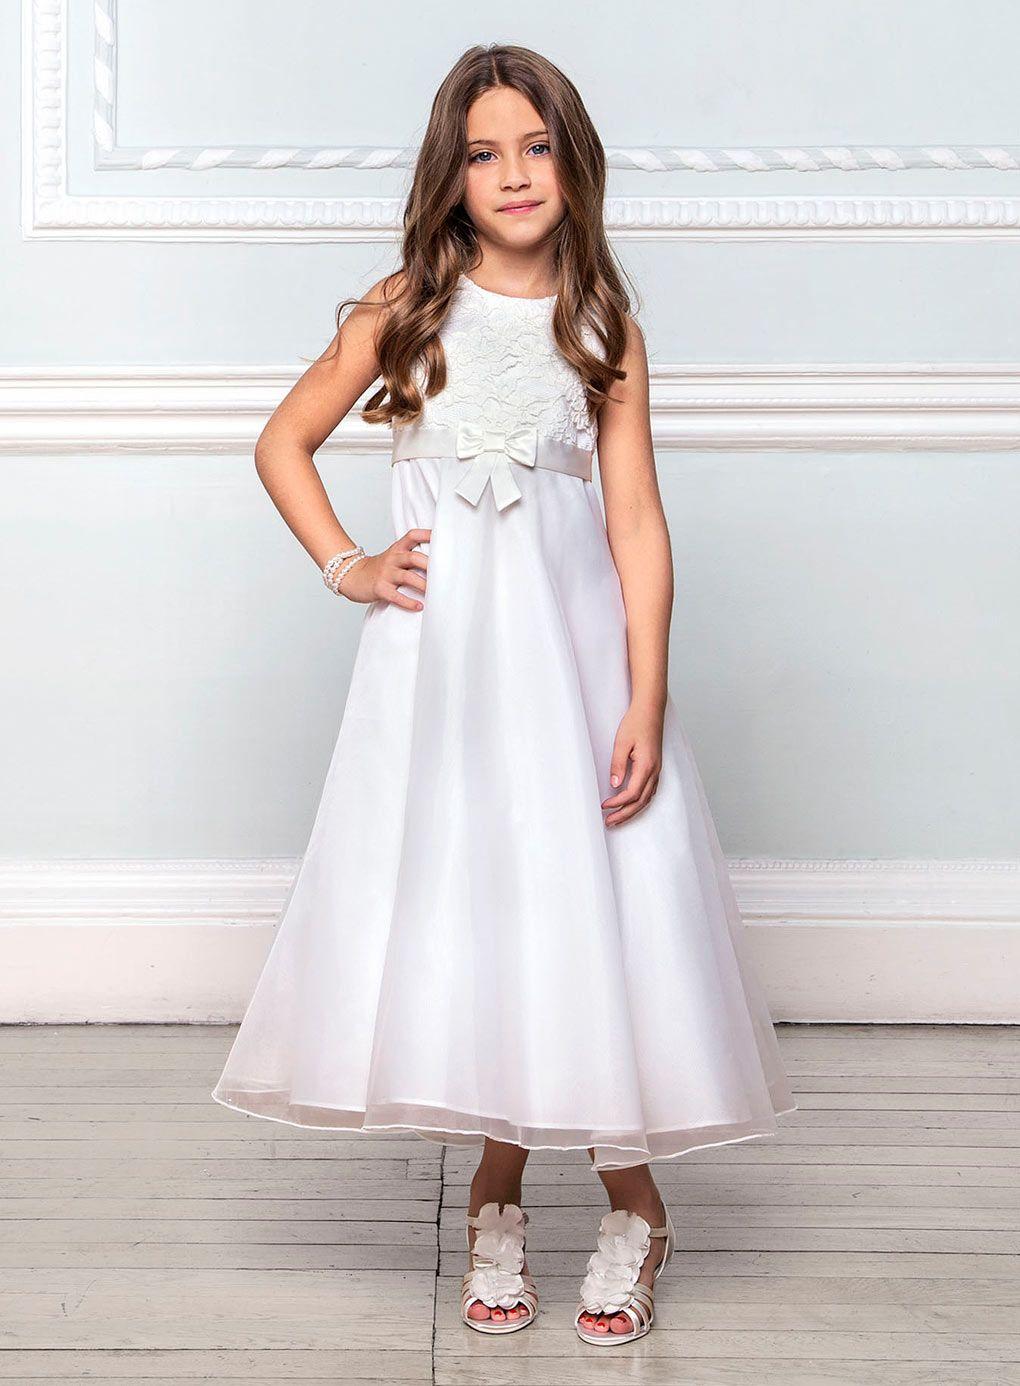 Kislny koszorslny eskv tletbrze pinterest lace bridesmaid dresses x ombrellifo Choice Image